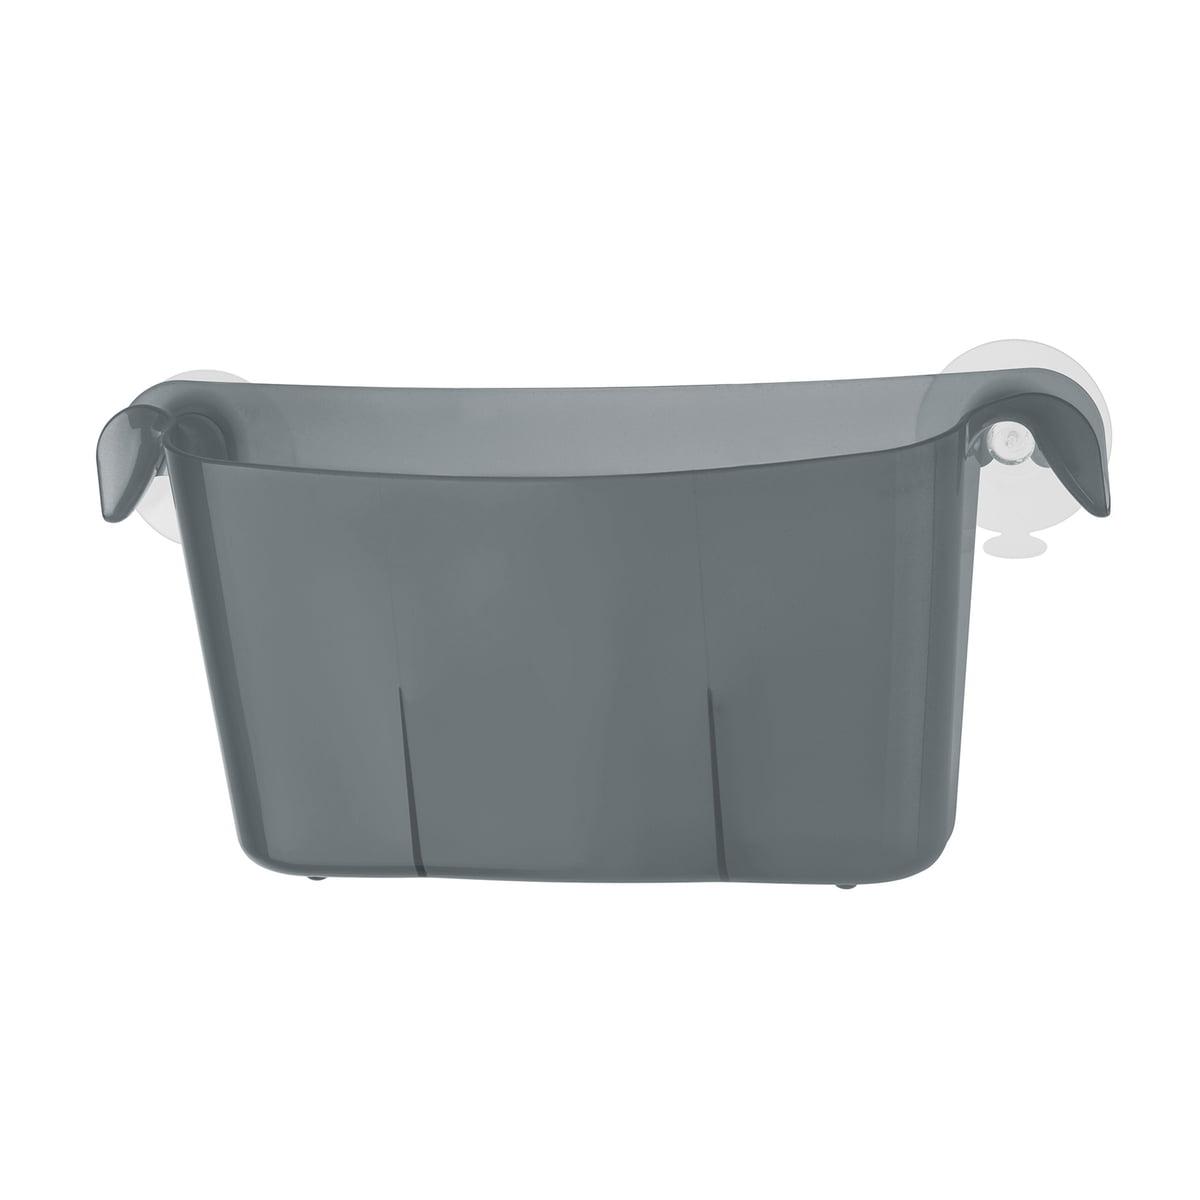 Miniboks Utensilo, transparent anthrazit